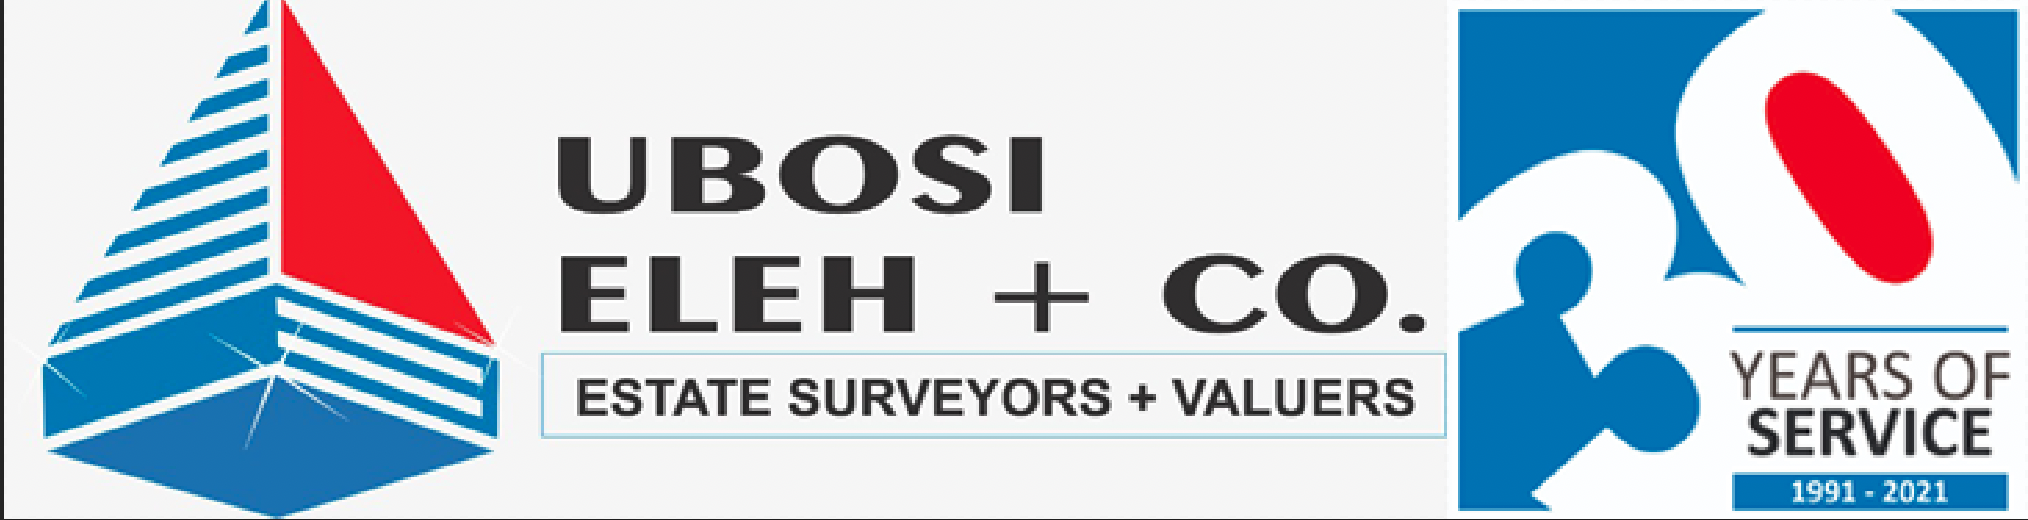 Ubosi Eleh + Co.